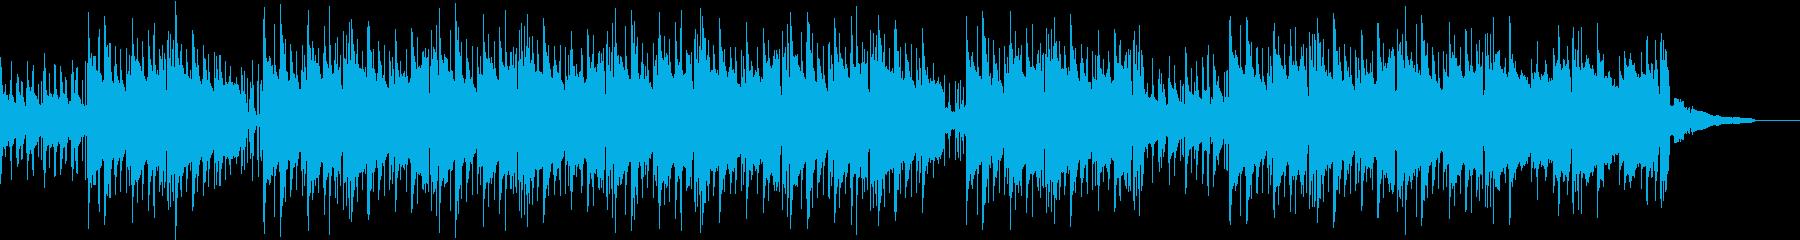 浮遊感を感じるBGMの再生済みの波形